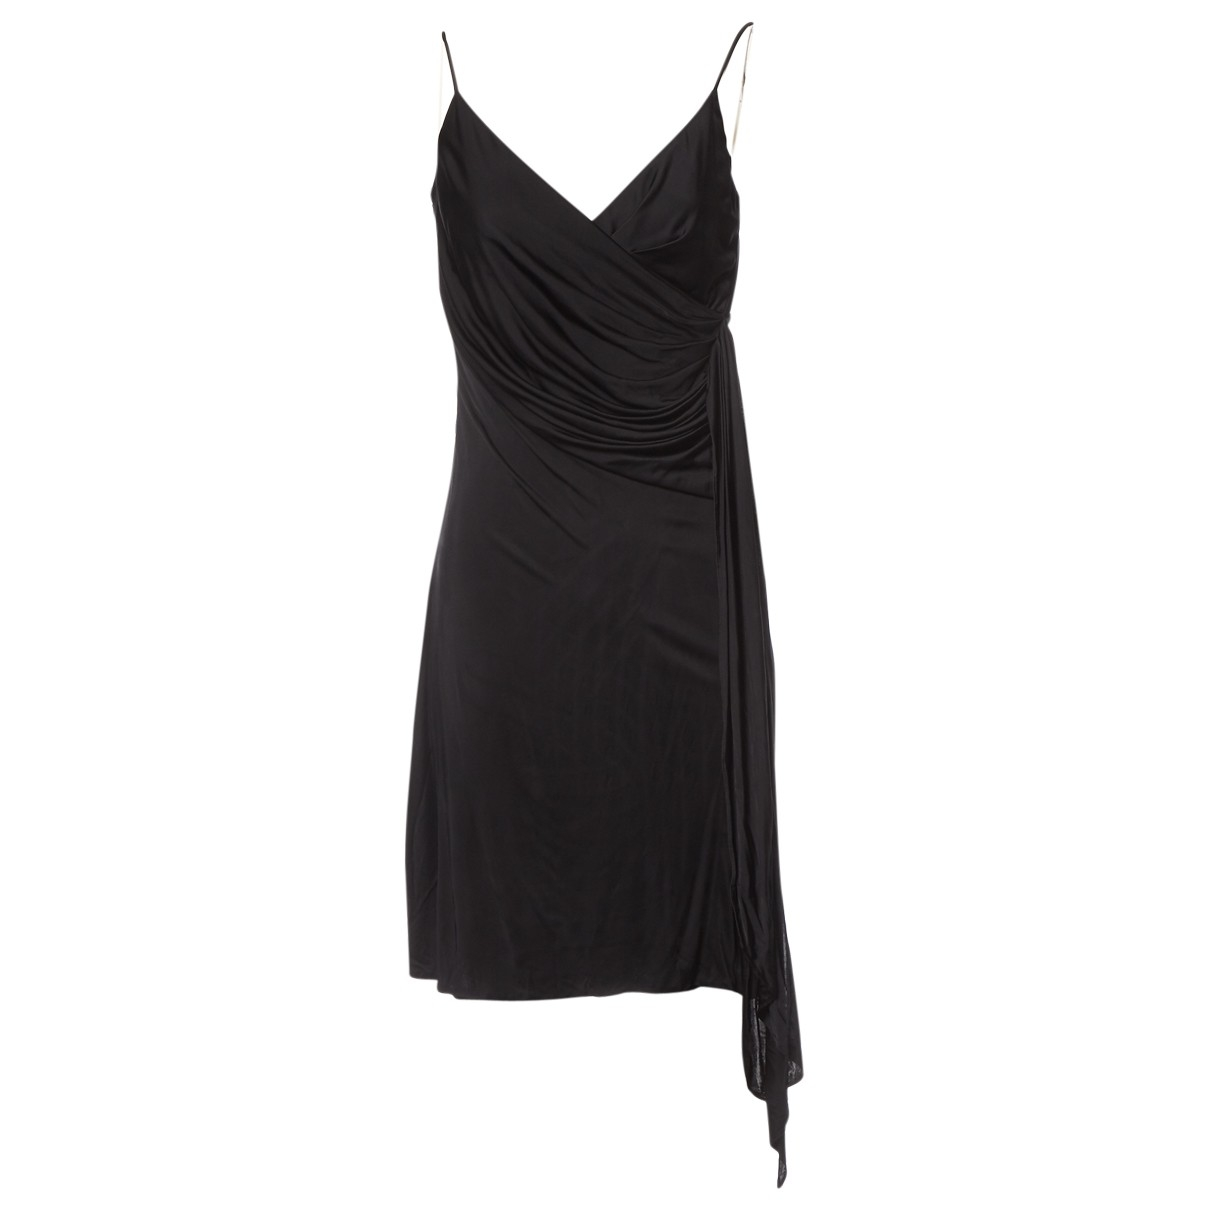 Alexander Mcqueen \N Black dress for Women 42 IT